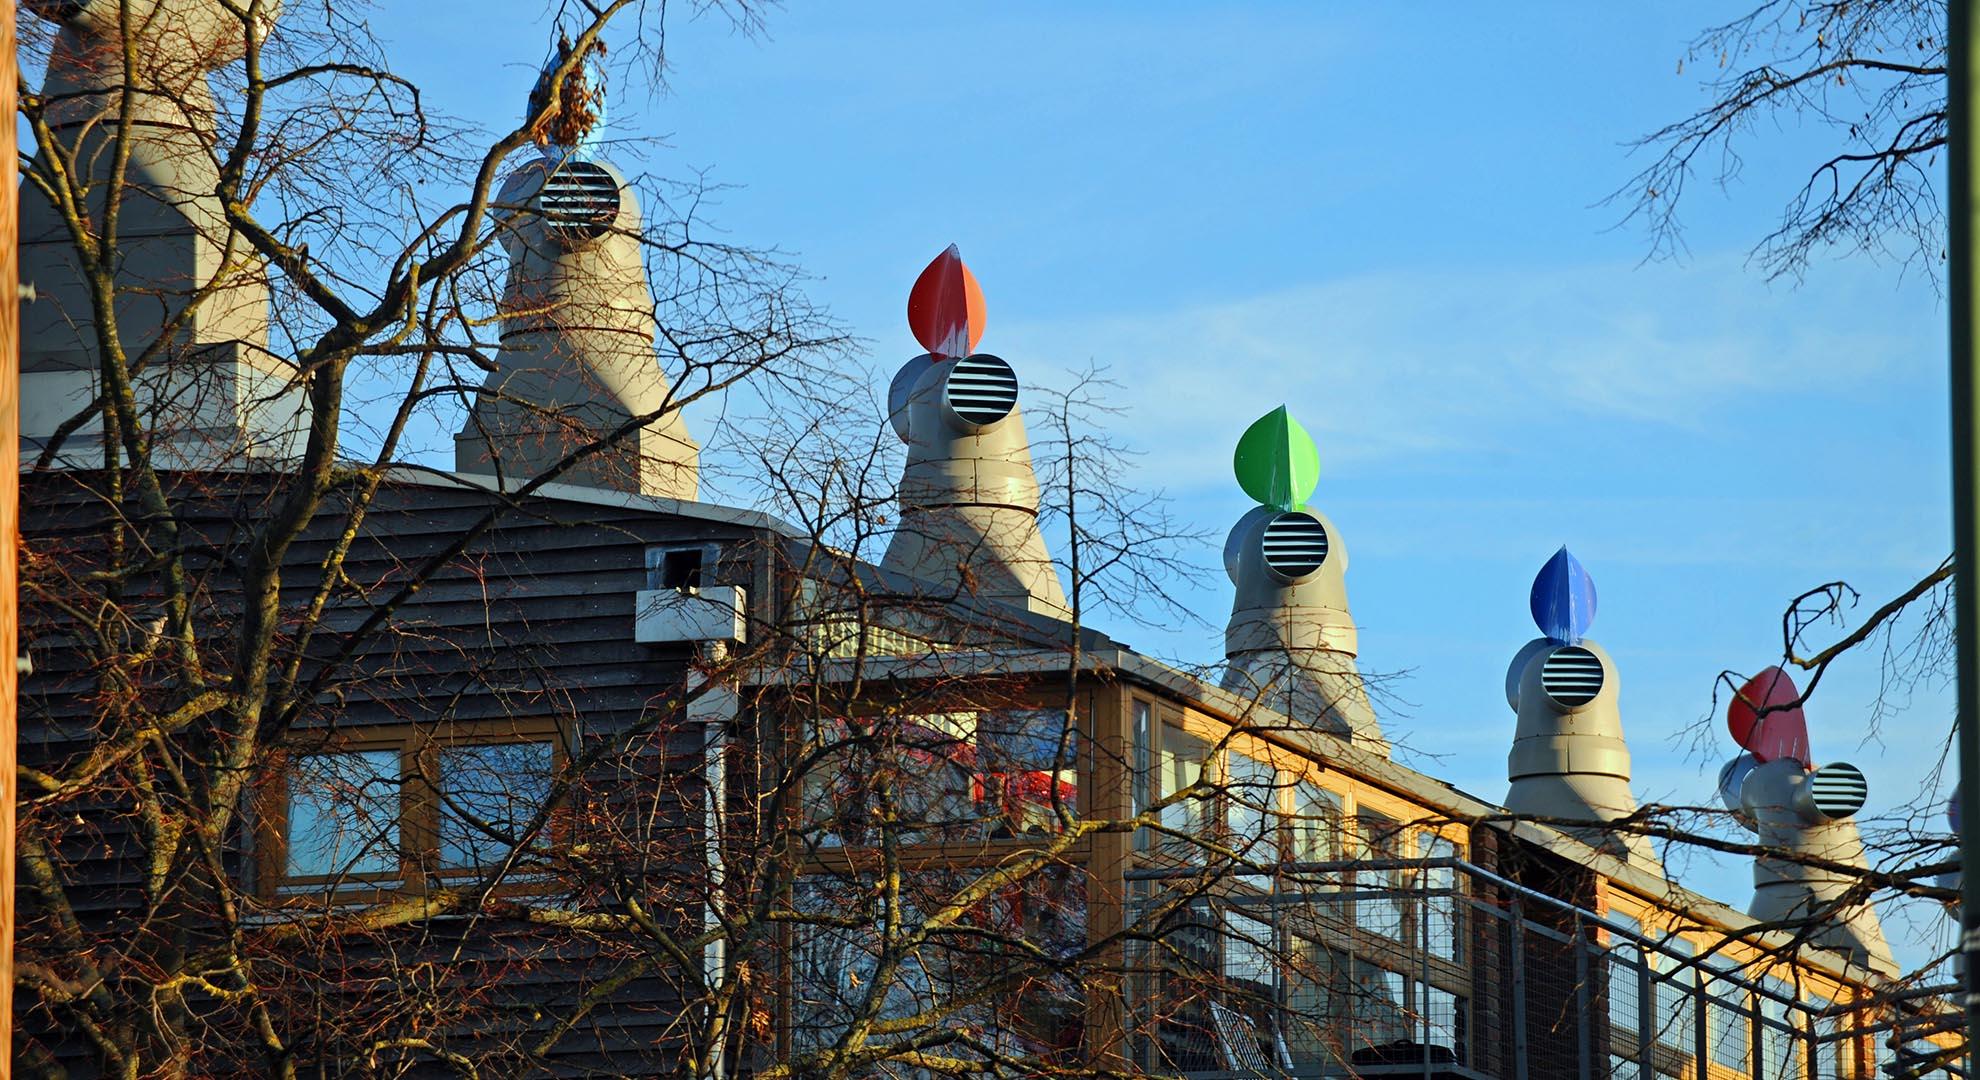 Beddington Zero Energy Development. Sustainable architecture by BedZED